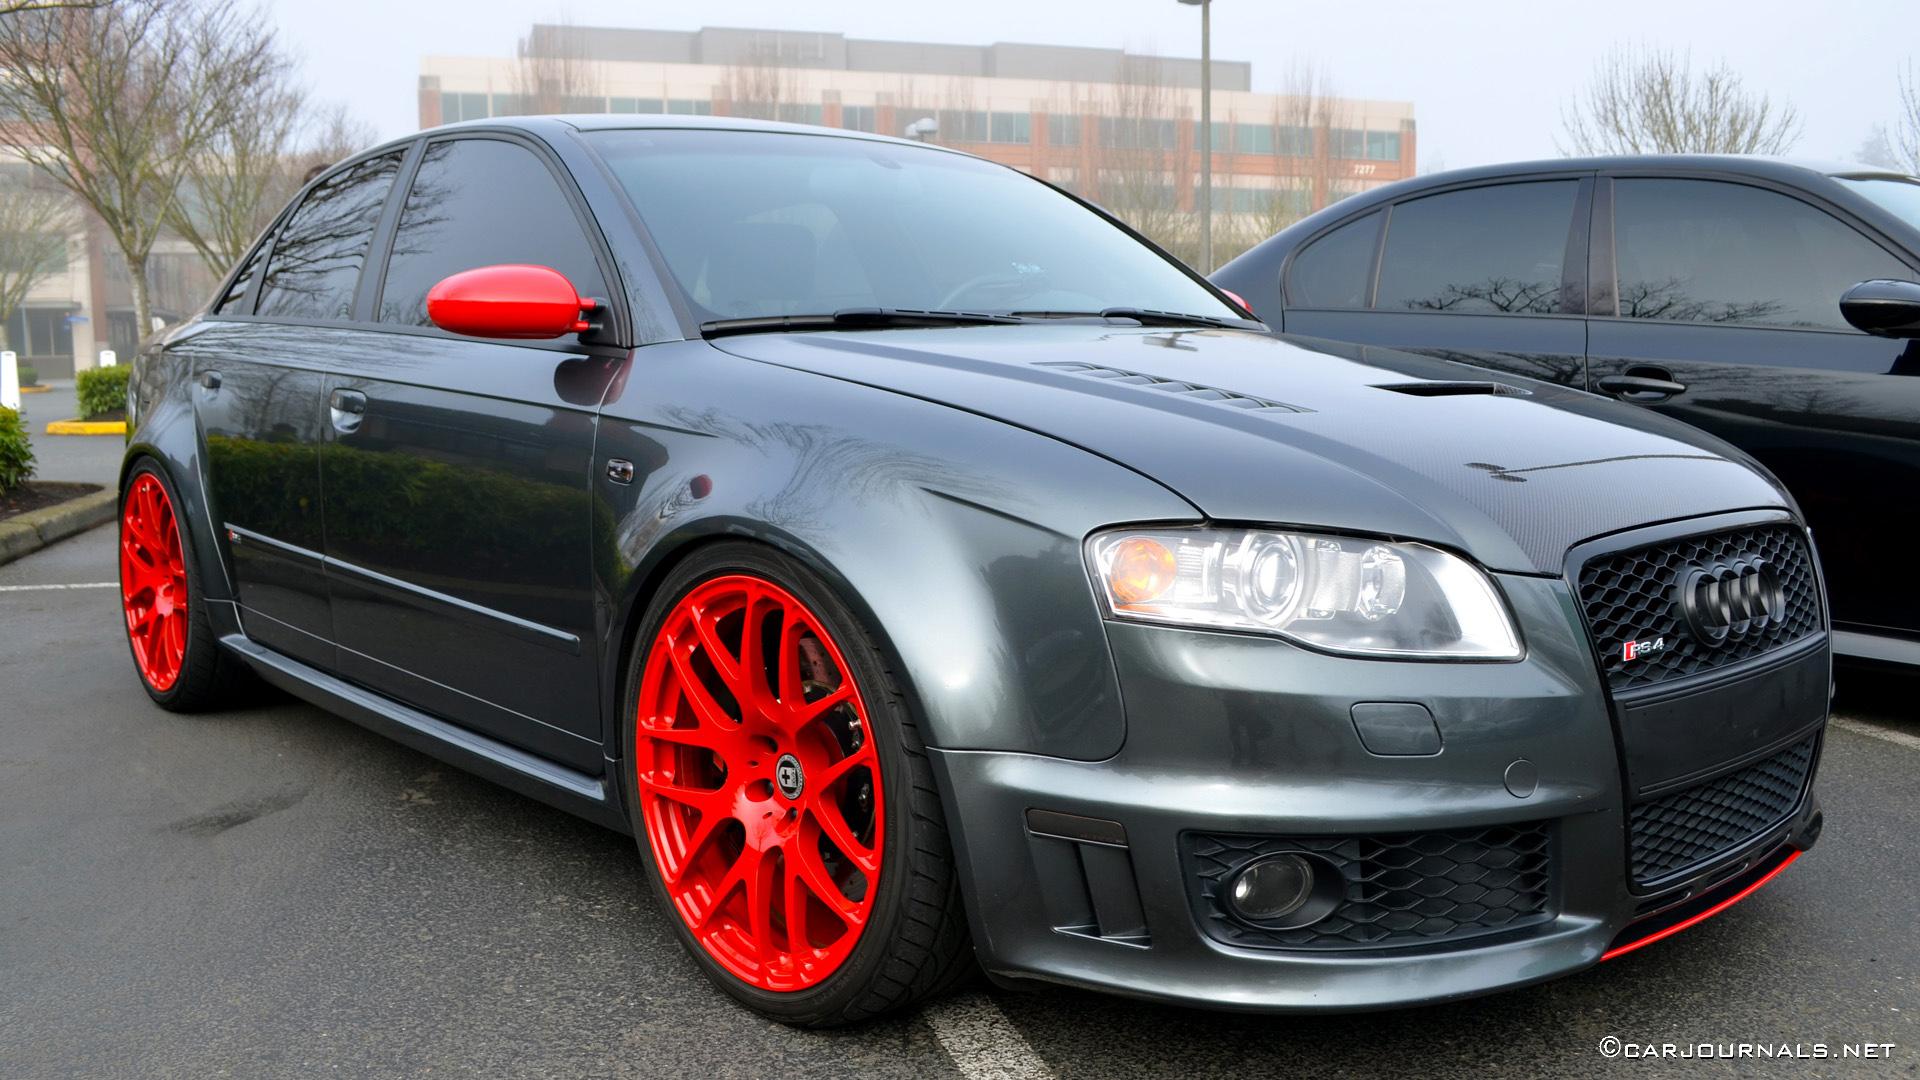 Exotic Car Wallpaper Iphone Hd Car Wallpapers Audi Rs4